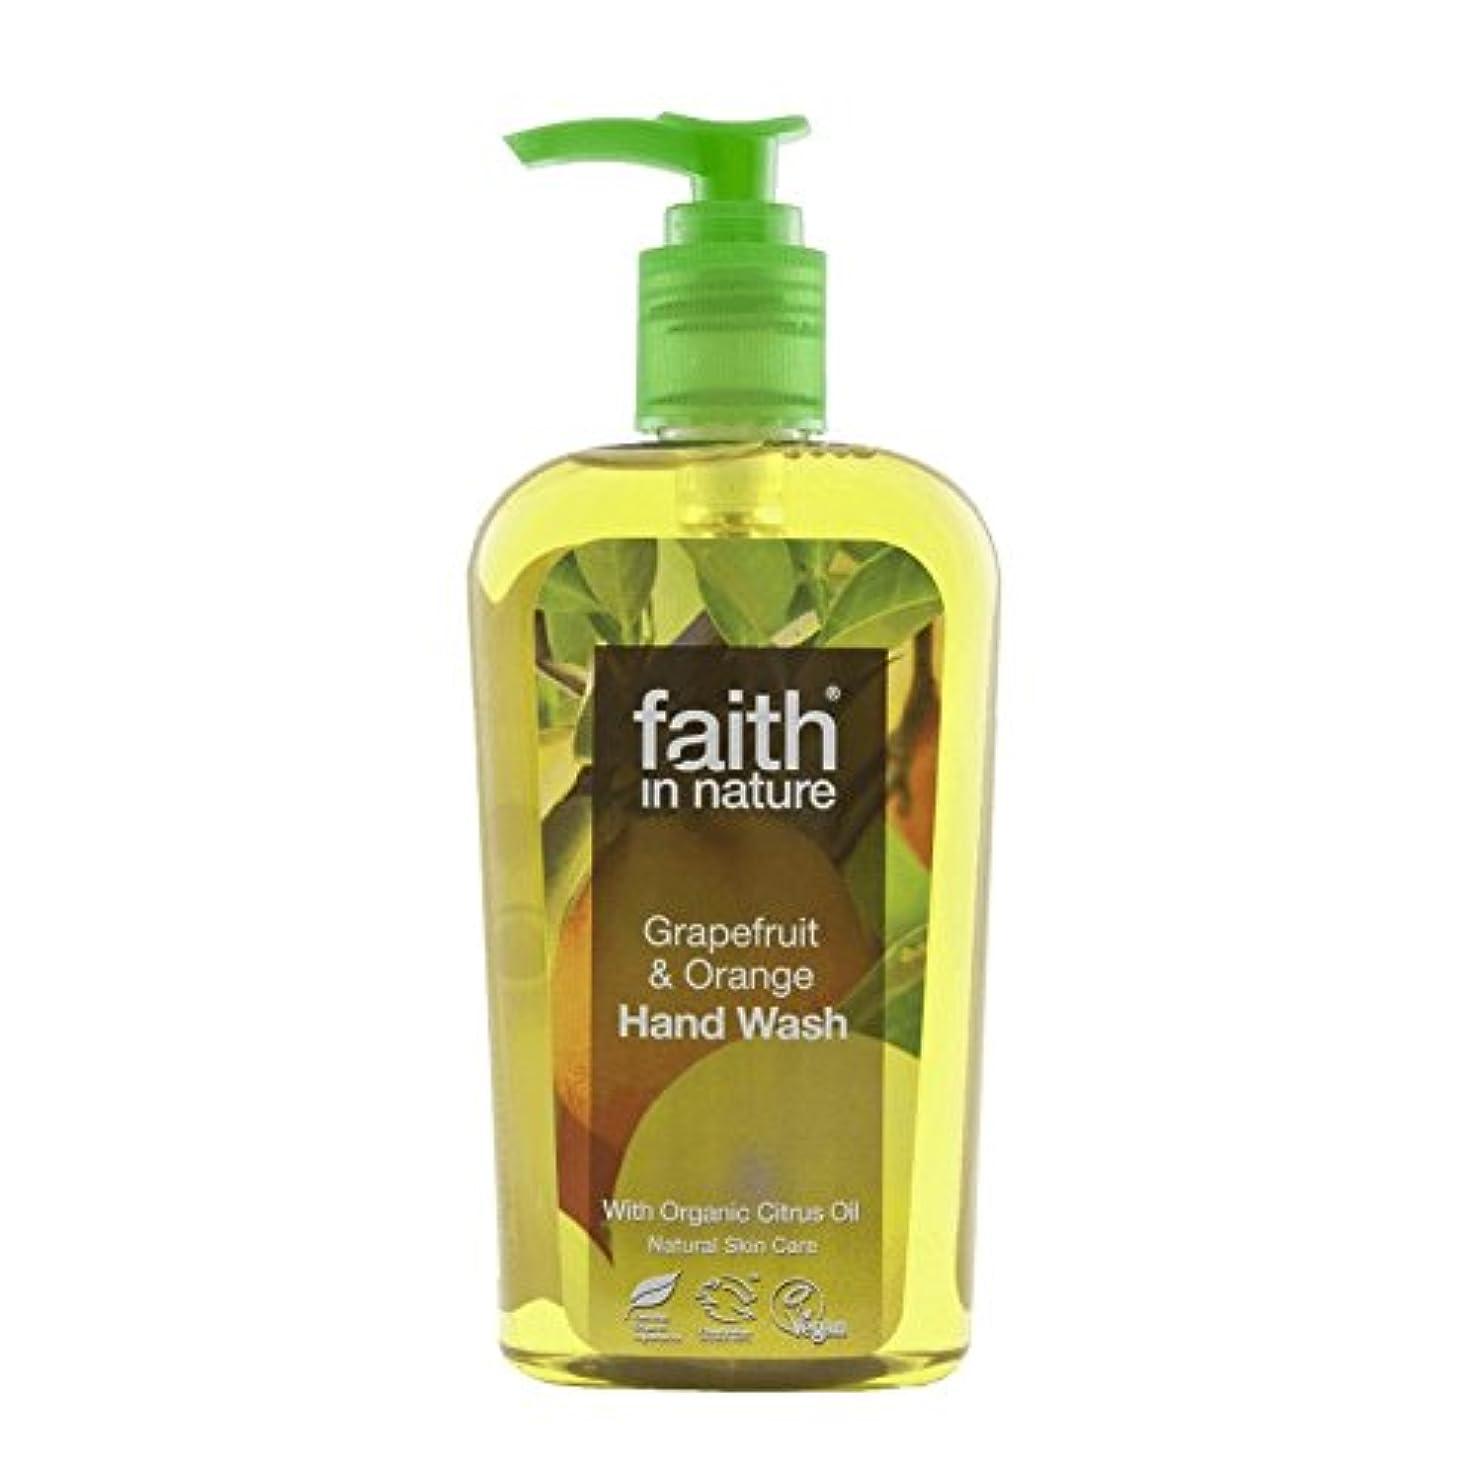 シマウマスプレーするFaith In Nature Grapefruit & Orange Handwash 300ml (Pack of 2) - 自然グレープフルーツ&オレンジ手洗いの300ミリリットルの信仰 (x2) [並行輸入品]